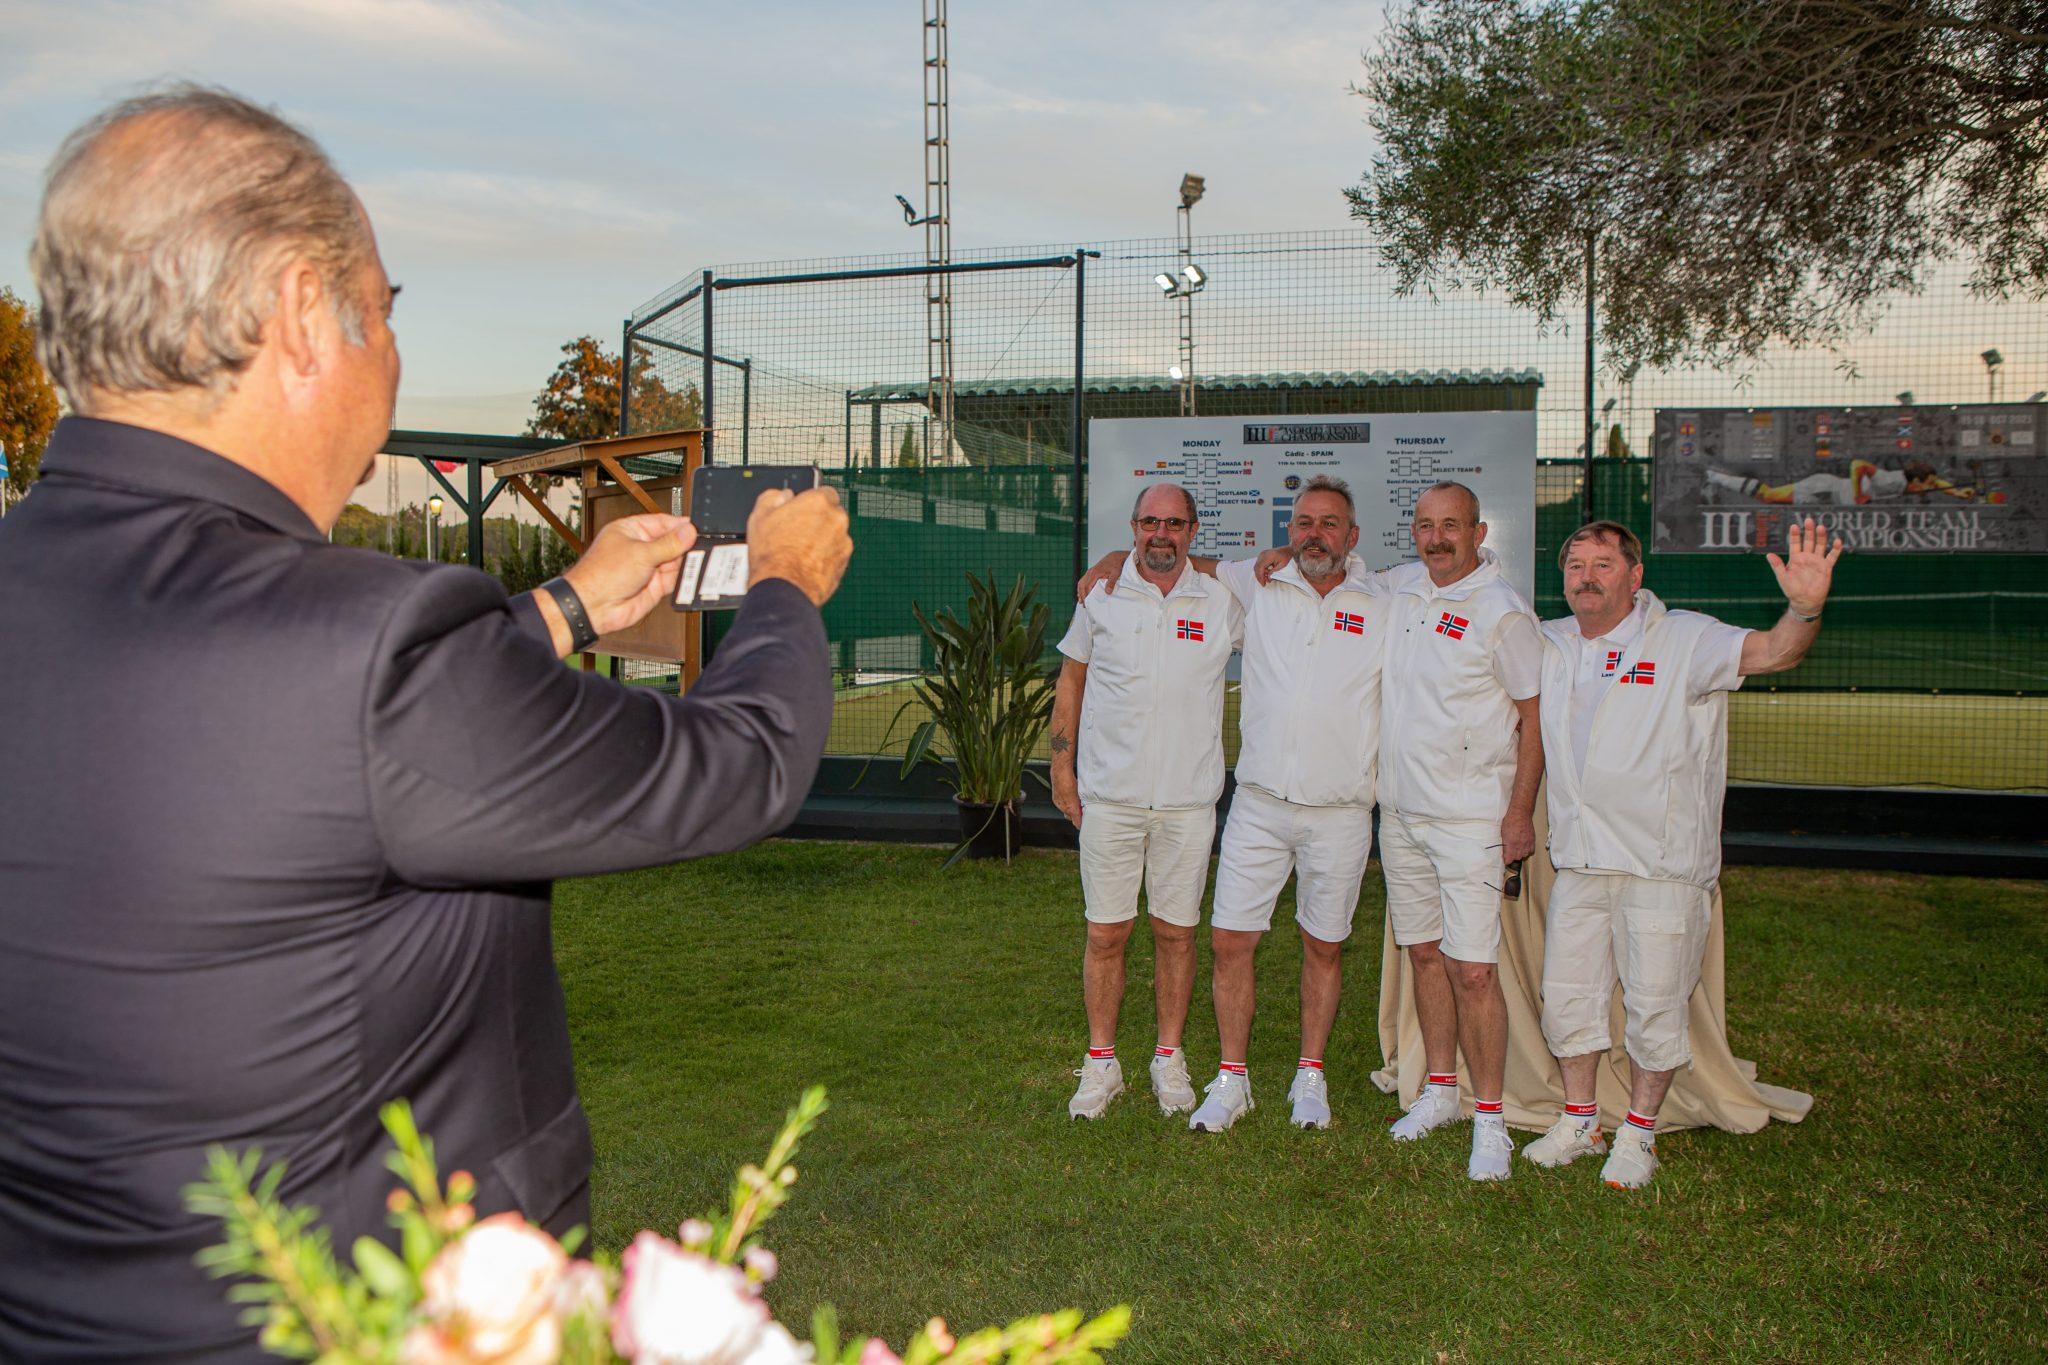 III Campeonato del Mundo de Croquet por Países - Real Novo Sancti Petri 18